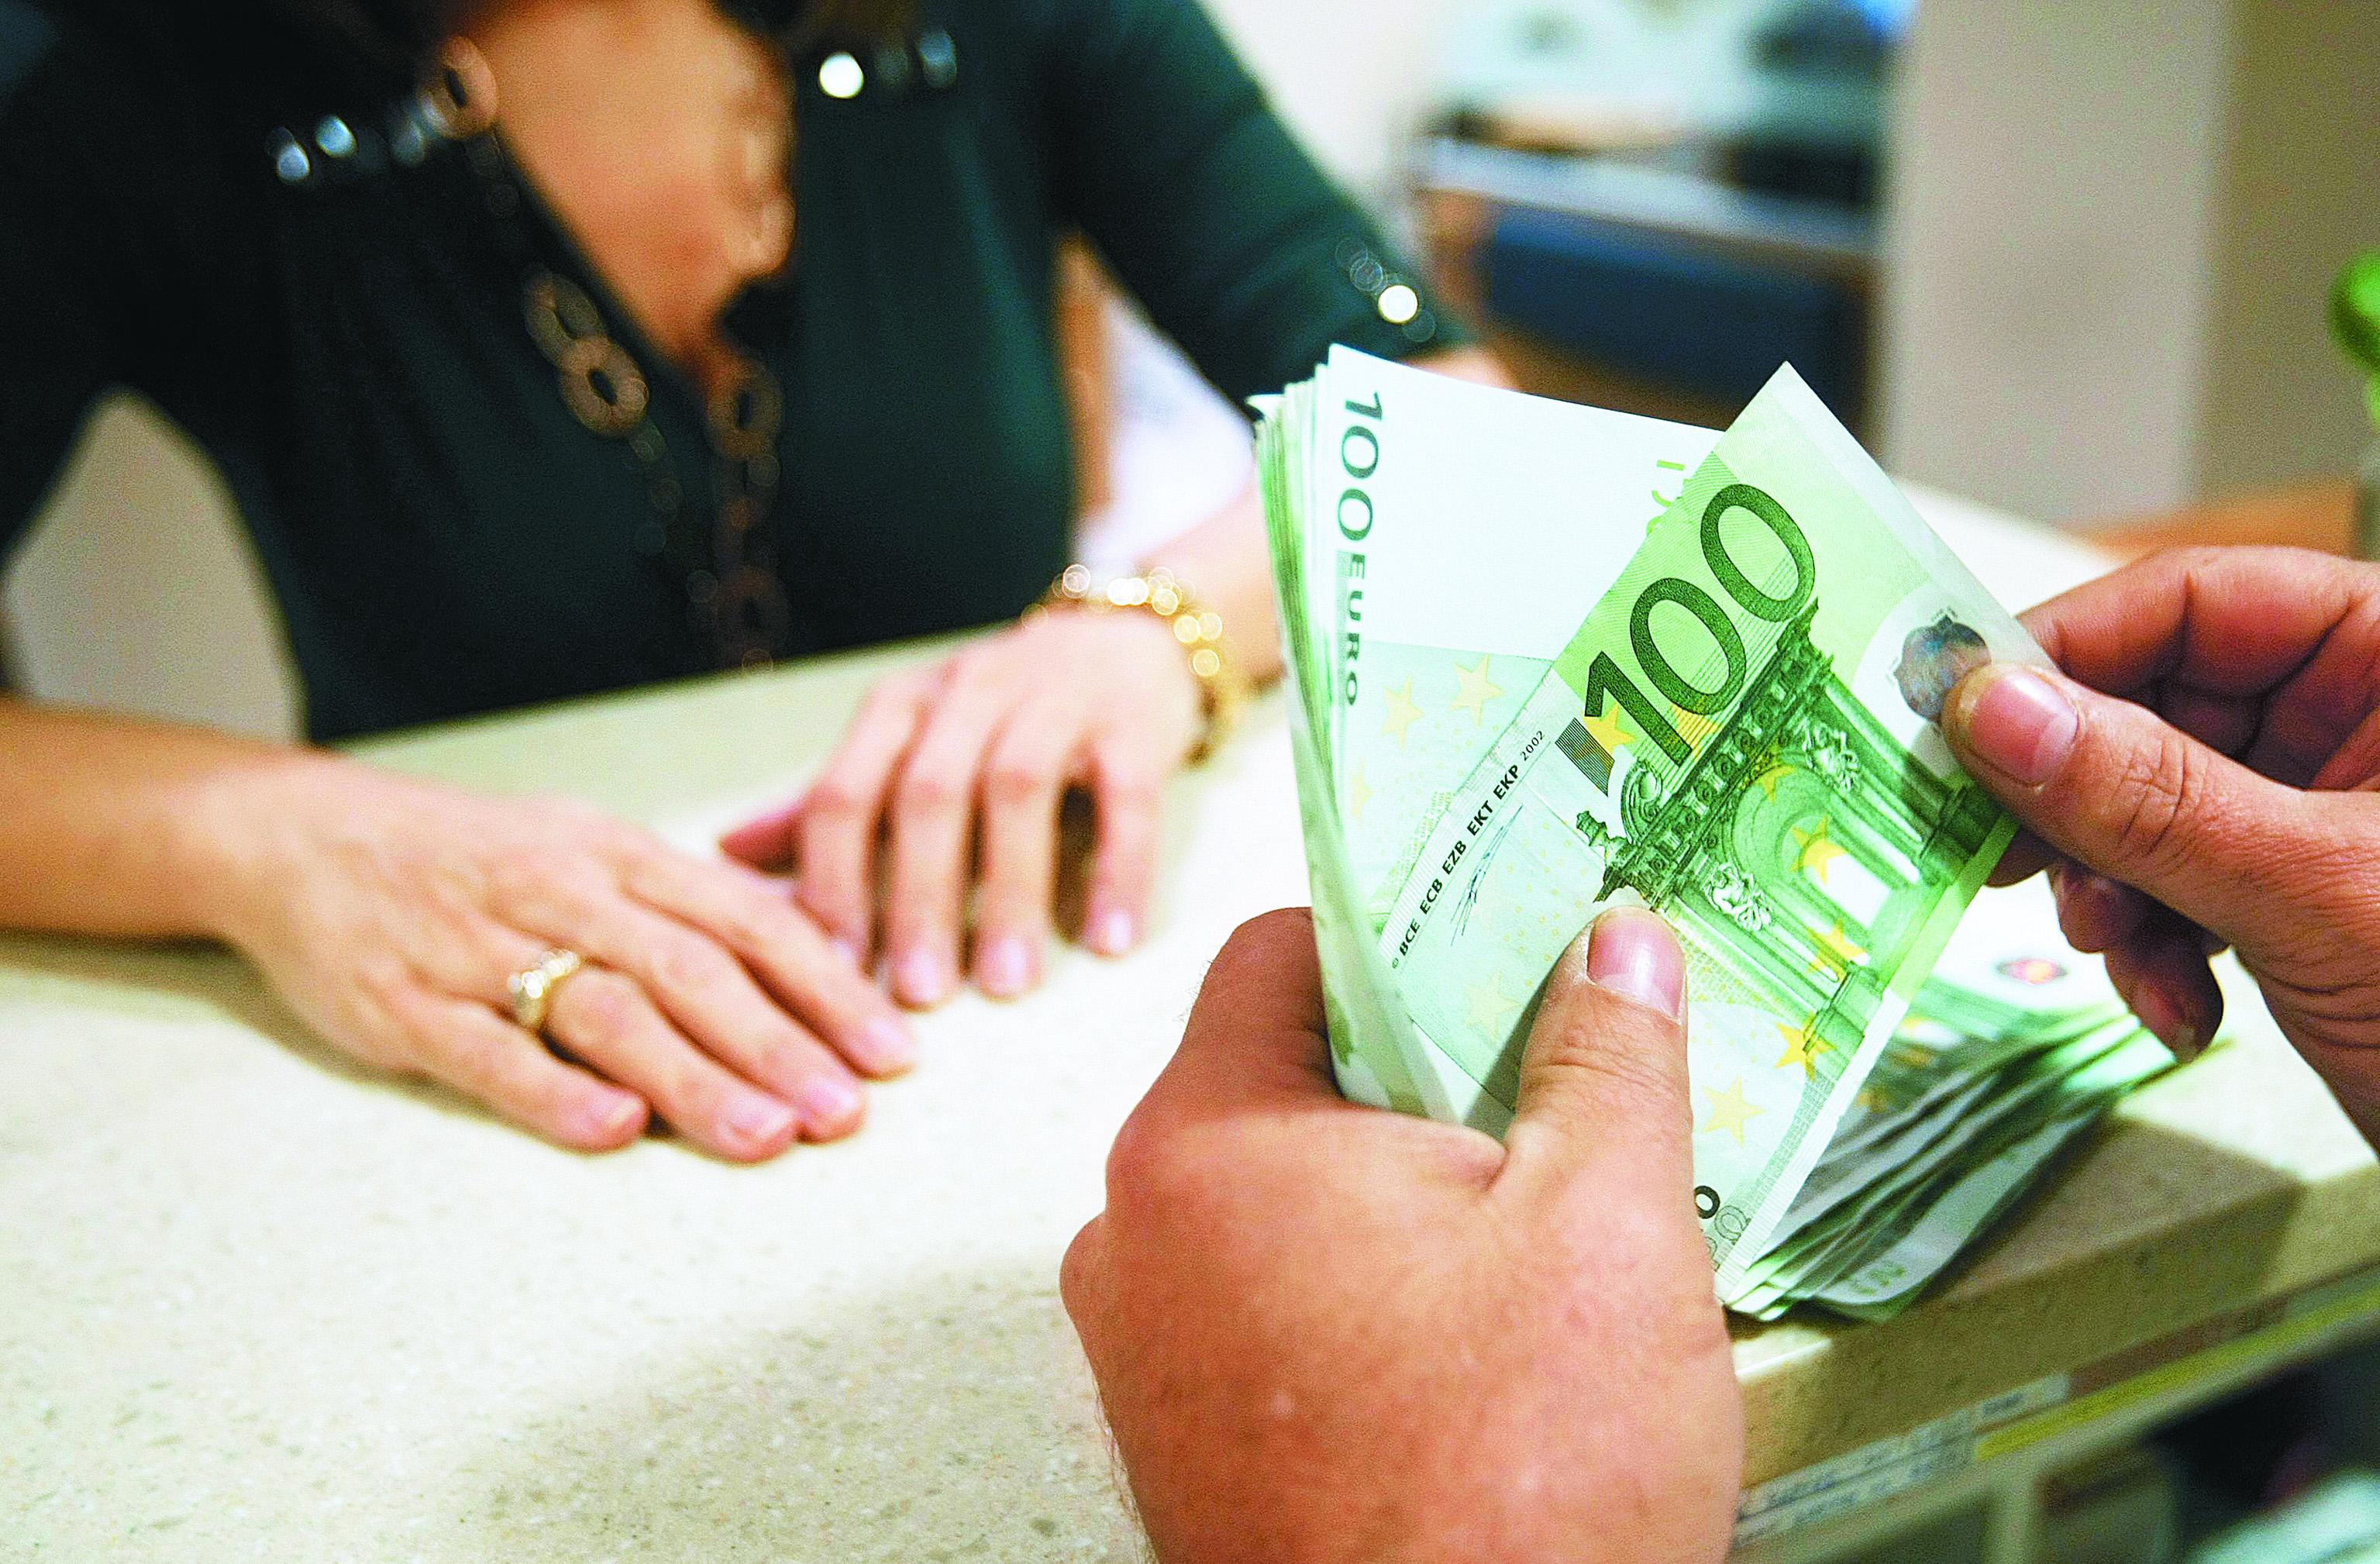 Τράπεζες: Αναγκαστικοί γάμοι ή κρατικοποίηση | tovima.gr